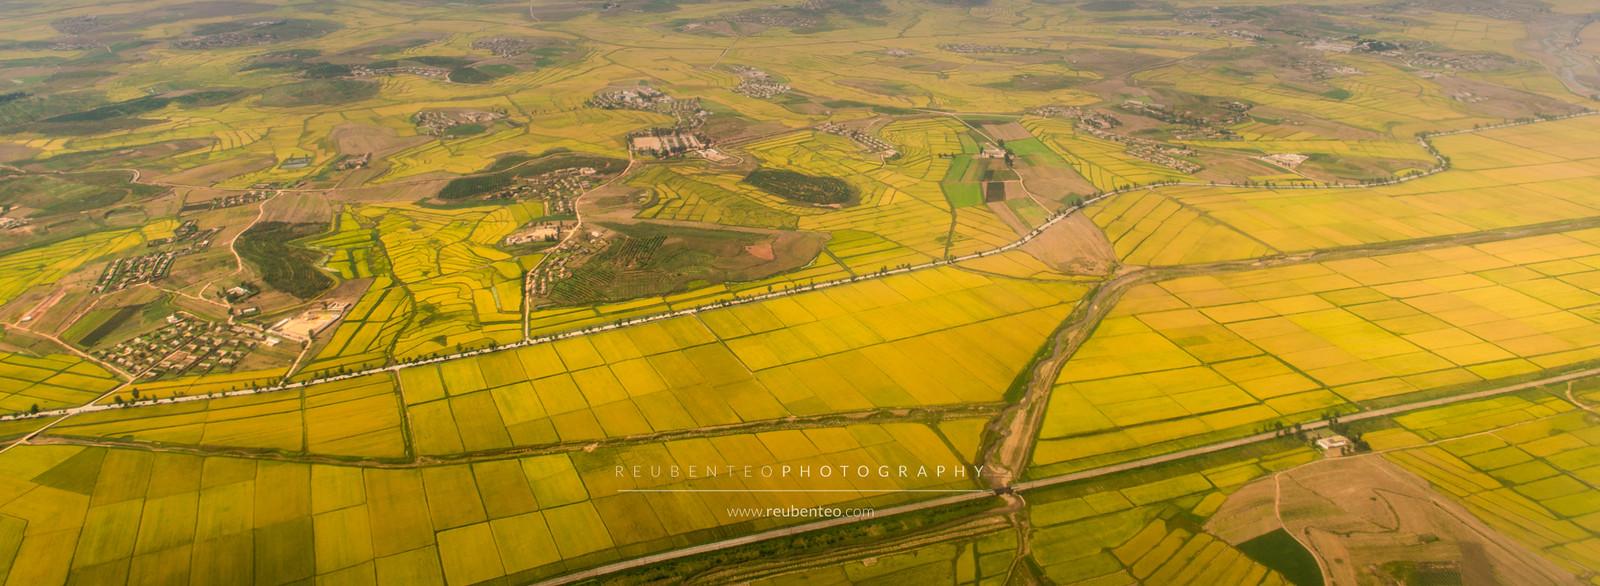 Aerial view of Pyongyang Farm